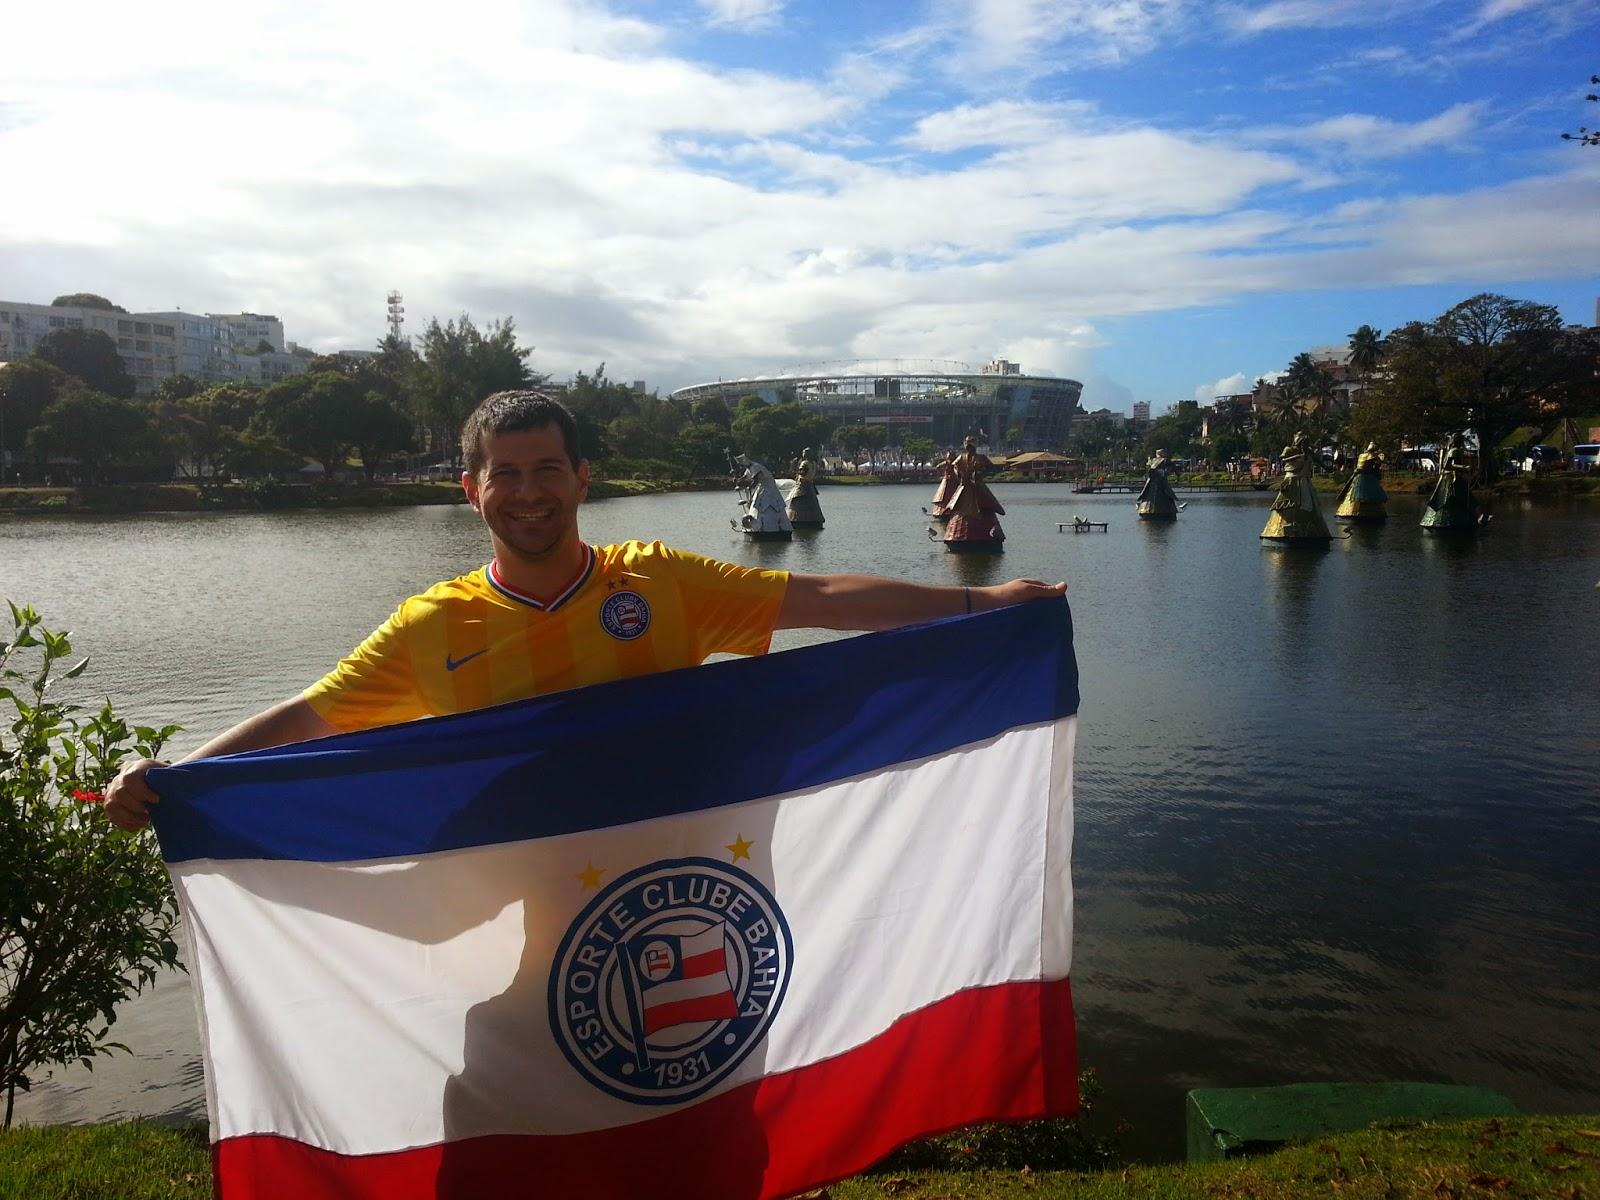 Fonte Nova, Dique do Tororó e Orixás - Antes do jogo Espanha X Holanda - Copa do Mundo Brasil 2014 - Salvador